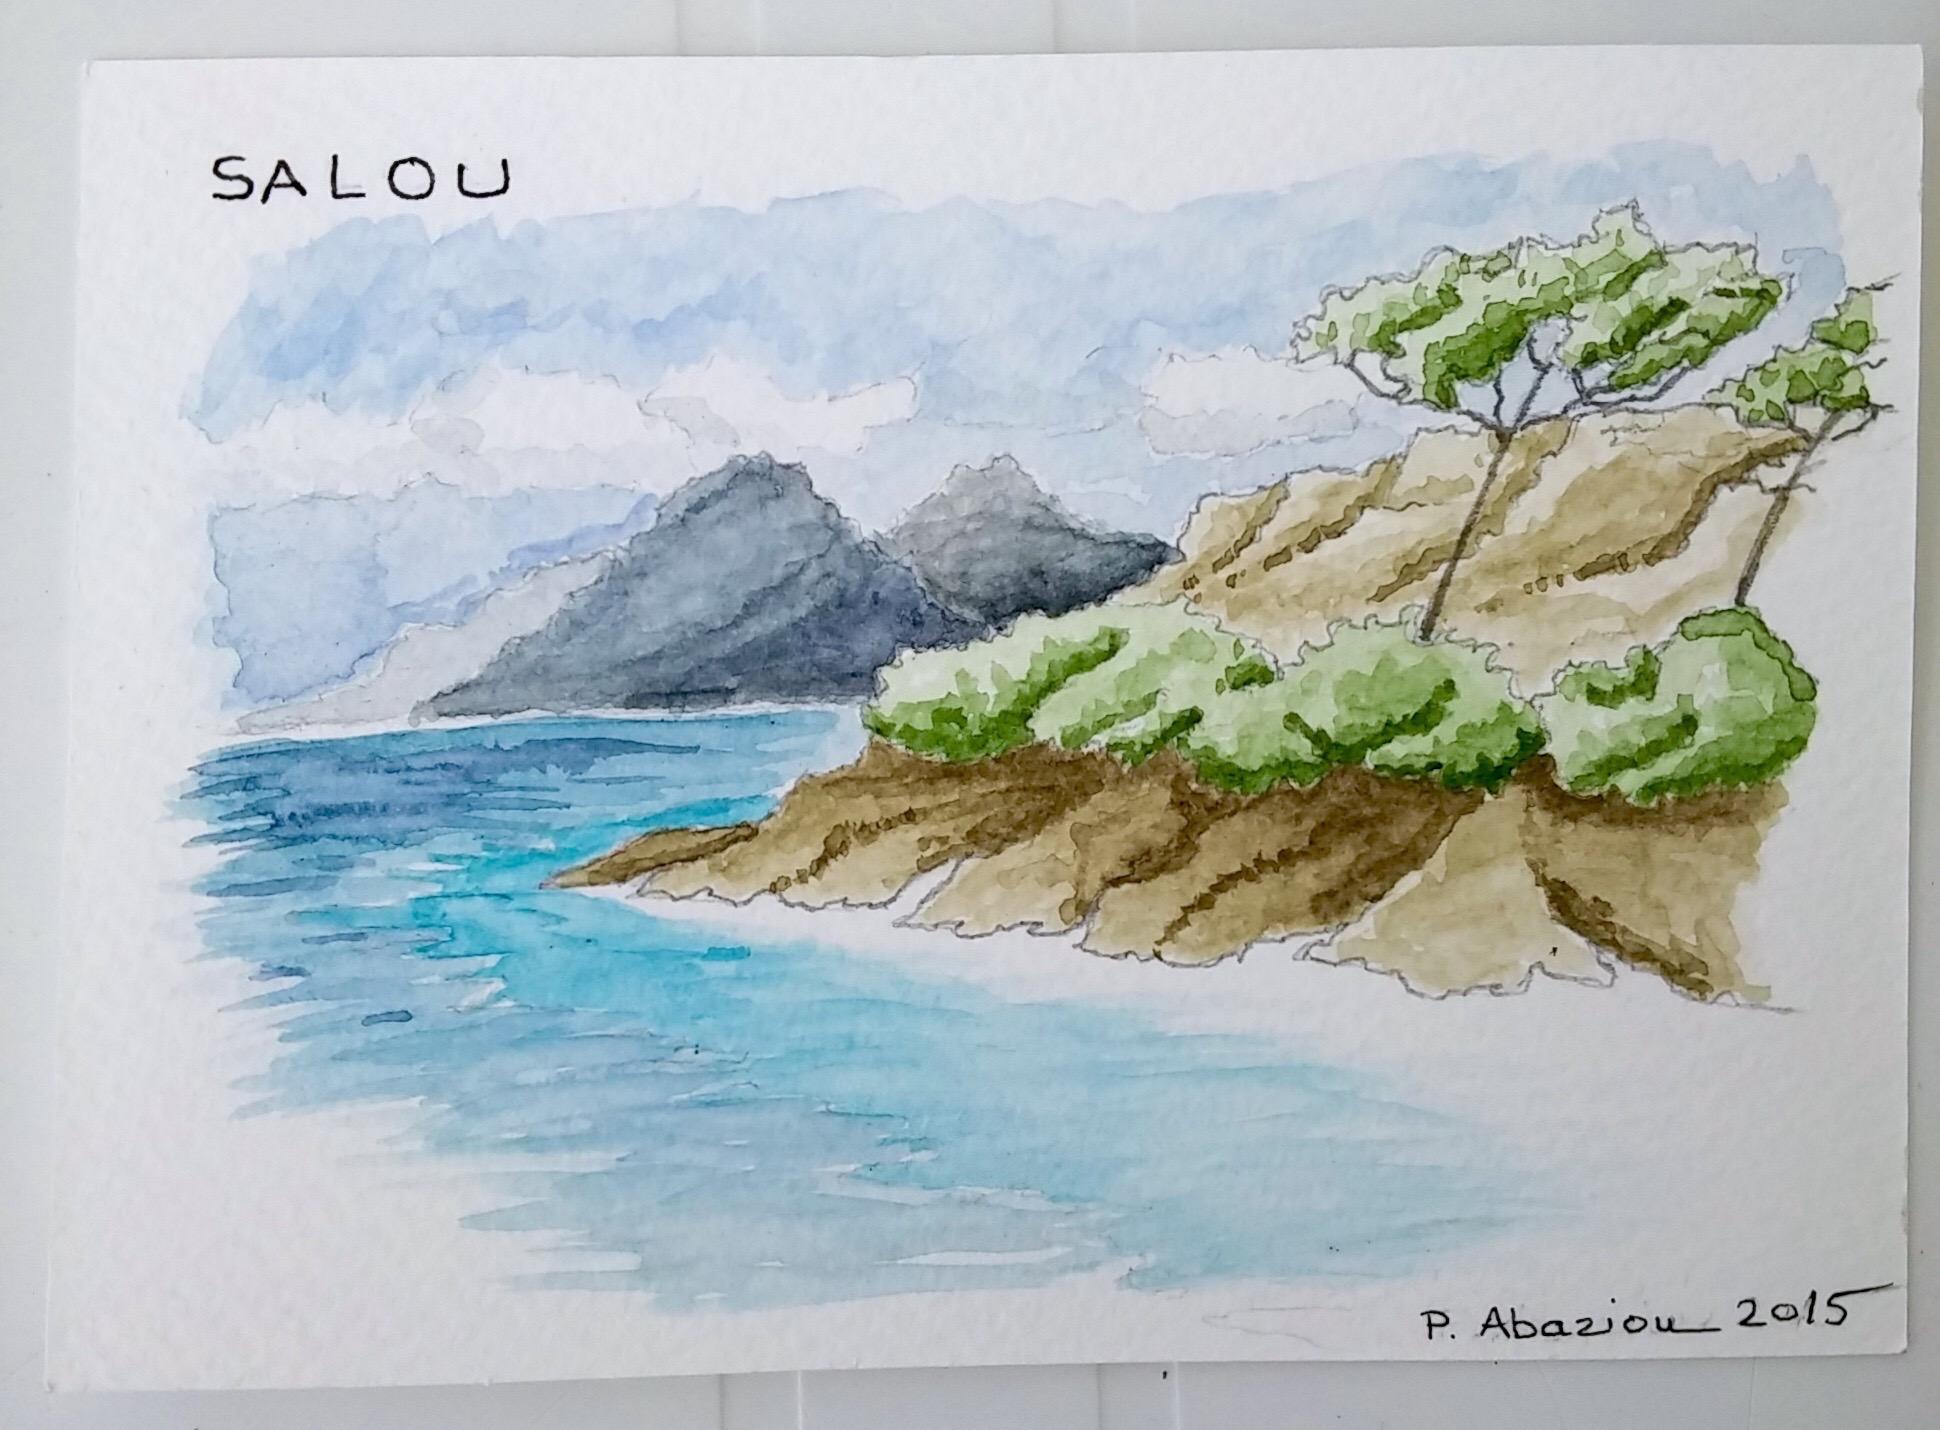 GUEST DOODLEWASH: Cap Salou